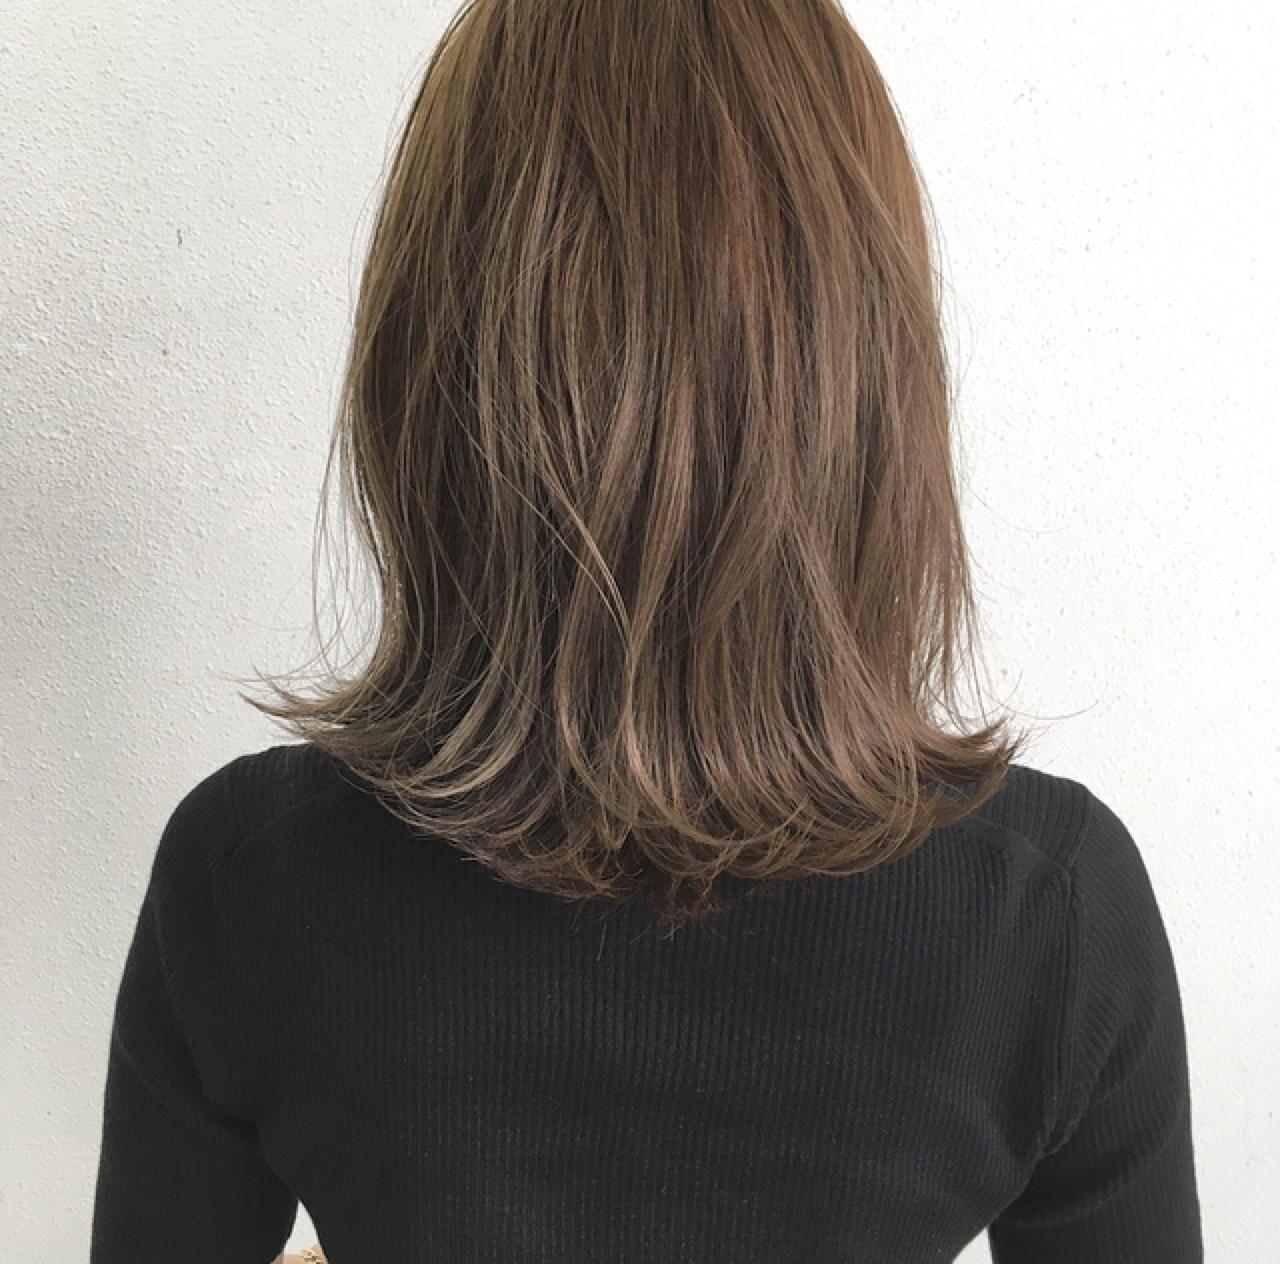 ロブ ナチュラル セミロング グレージュ ヘアスタイルや髪型の写真・画像 | 木下裕貴 / Lil by khair